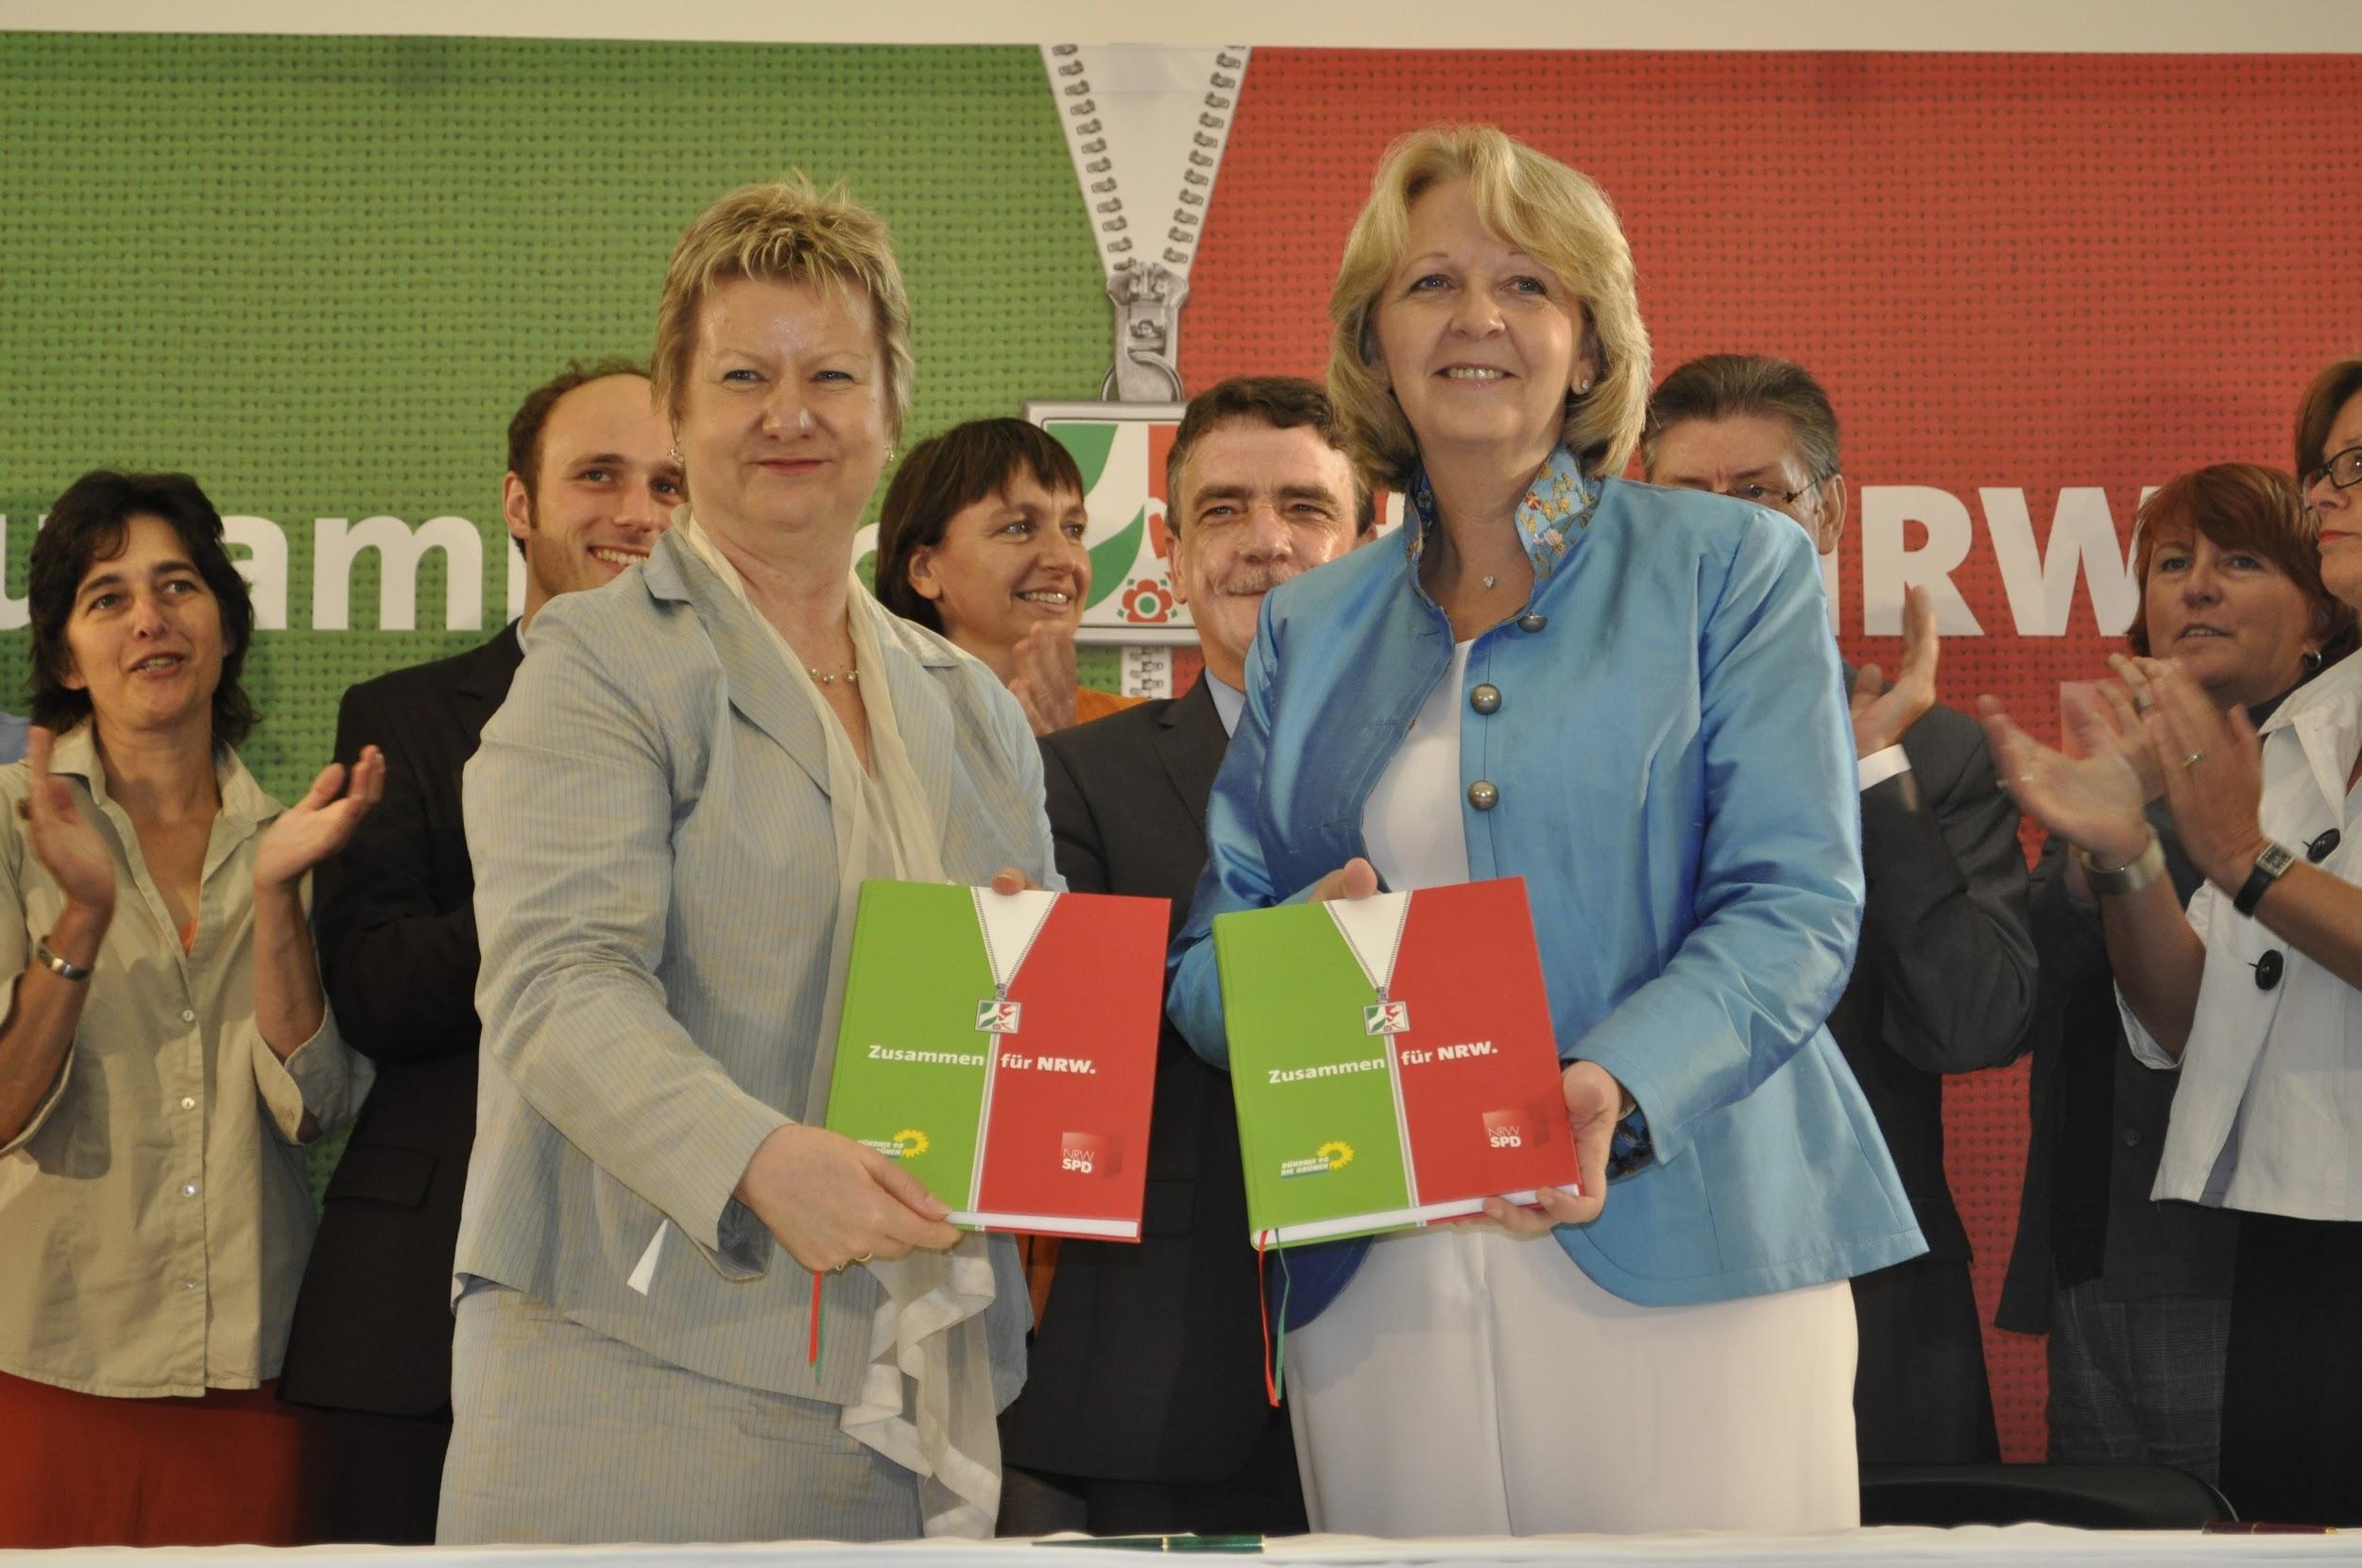 Підписання коаліційної угоди 2010 року для створення червоно-зеленого уряду меншості в західнонімецькій землі Північний Рейн-Вестфалія. Така коаліція стала можливою лише за згоди Лівої партії толерувати її. Лівиця вперше увійшла в парламент землі, але завдяки збігу обставин саме підтримка від її невеликої кількості депутатів одразу ж виявилася критичною для отримання більшості будь-якою з традиційних коаліцій.